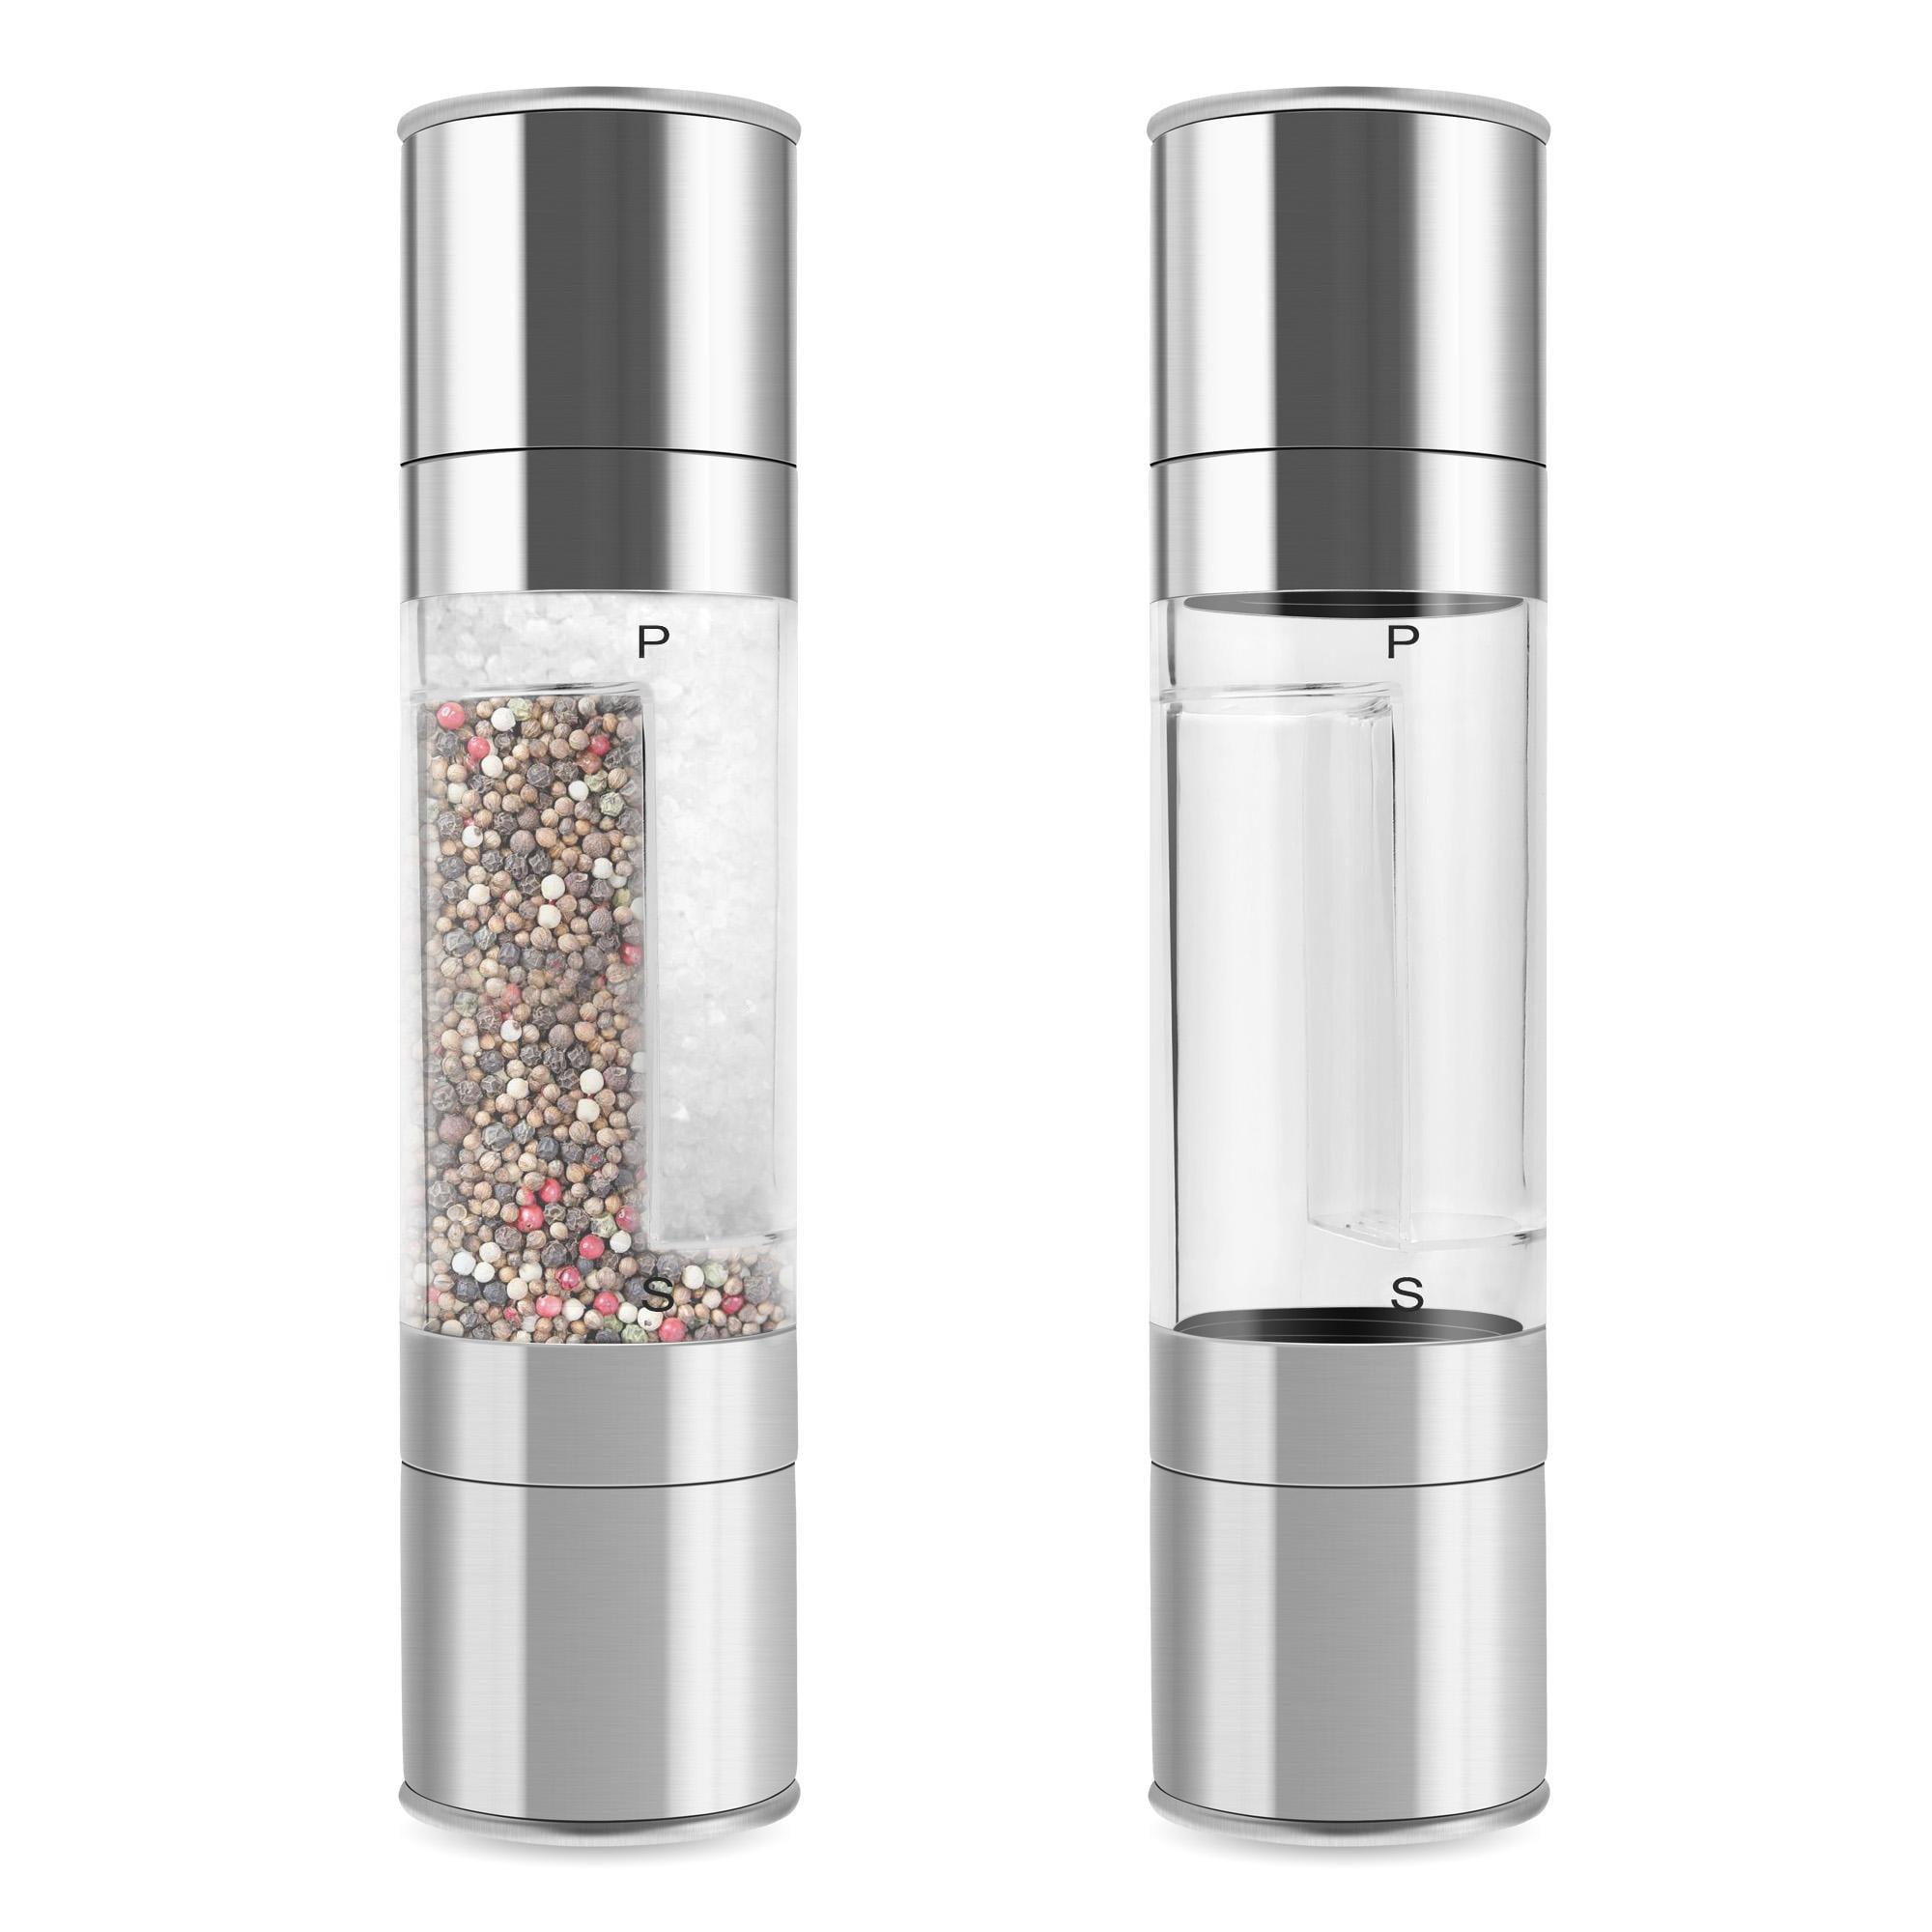 Click here to buy High Quality Grinder Set Salt and Pepper Grinder Set Premium Salt Shaker and Pepper Mill DEAML.